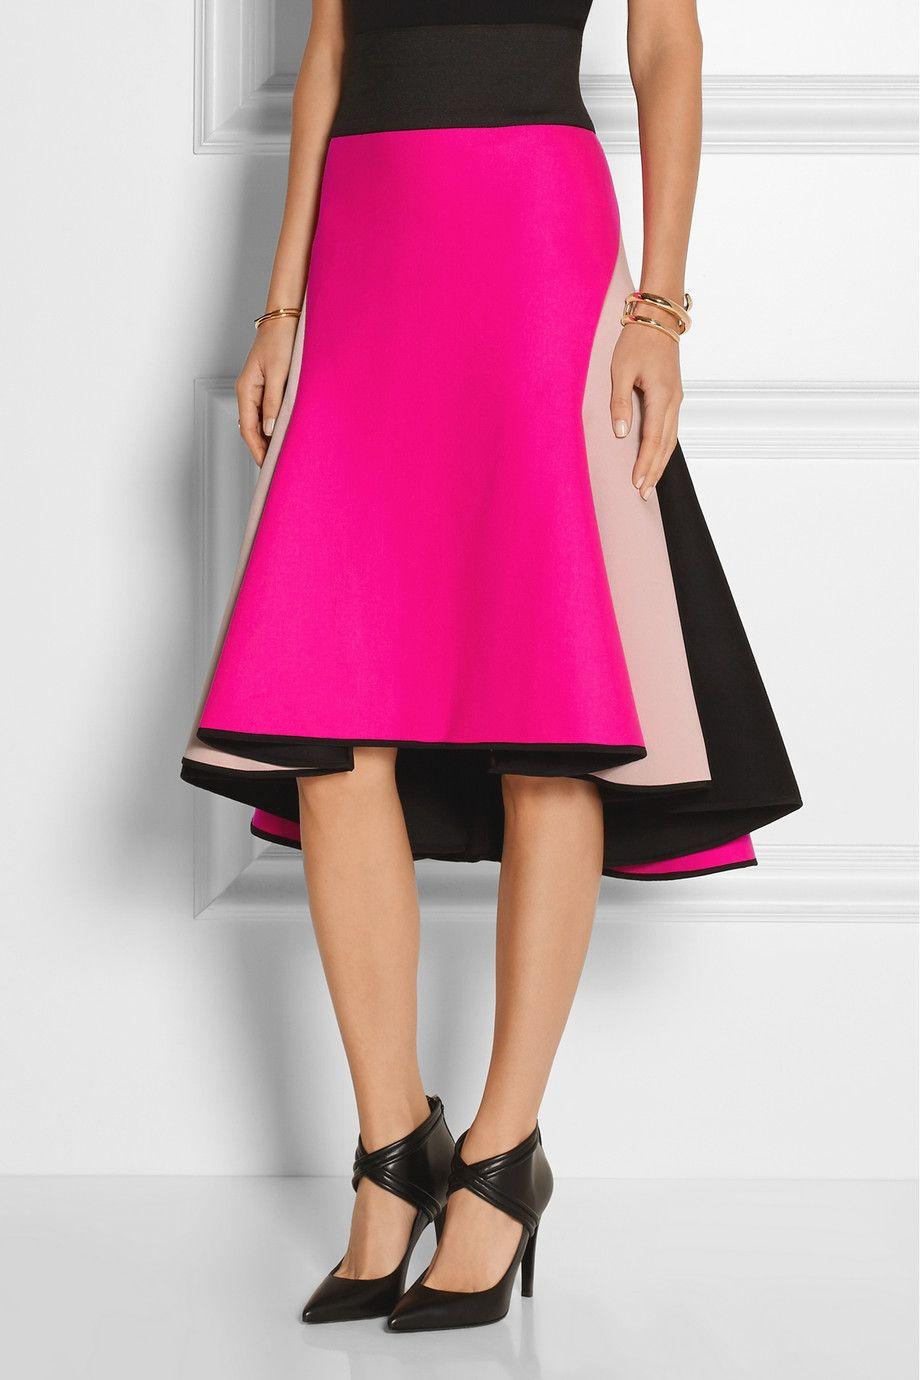 Falda tricolor | faldas | Pinterest | Falda, Vestiditos y Costura